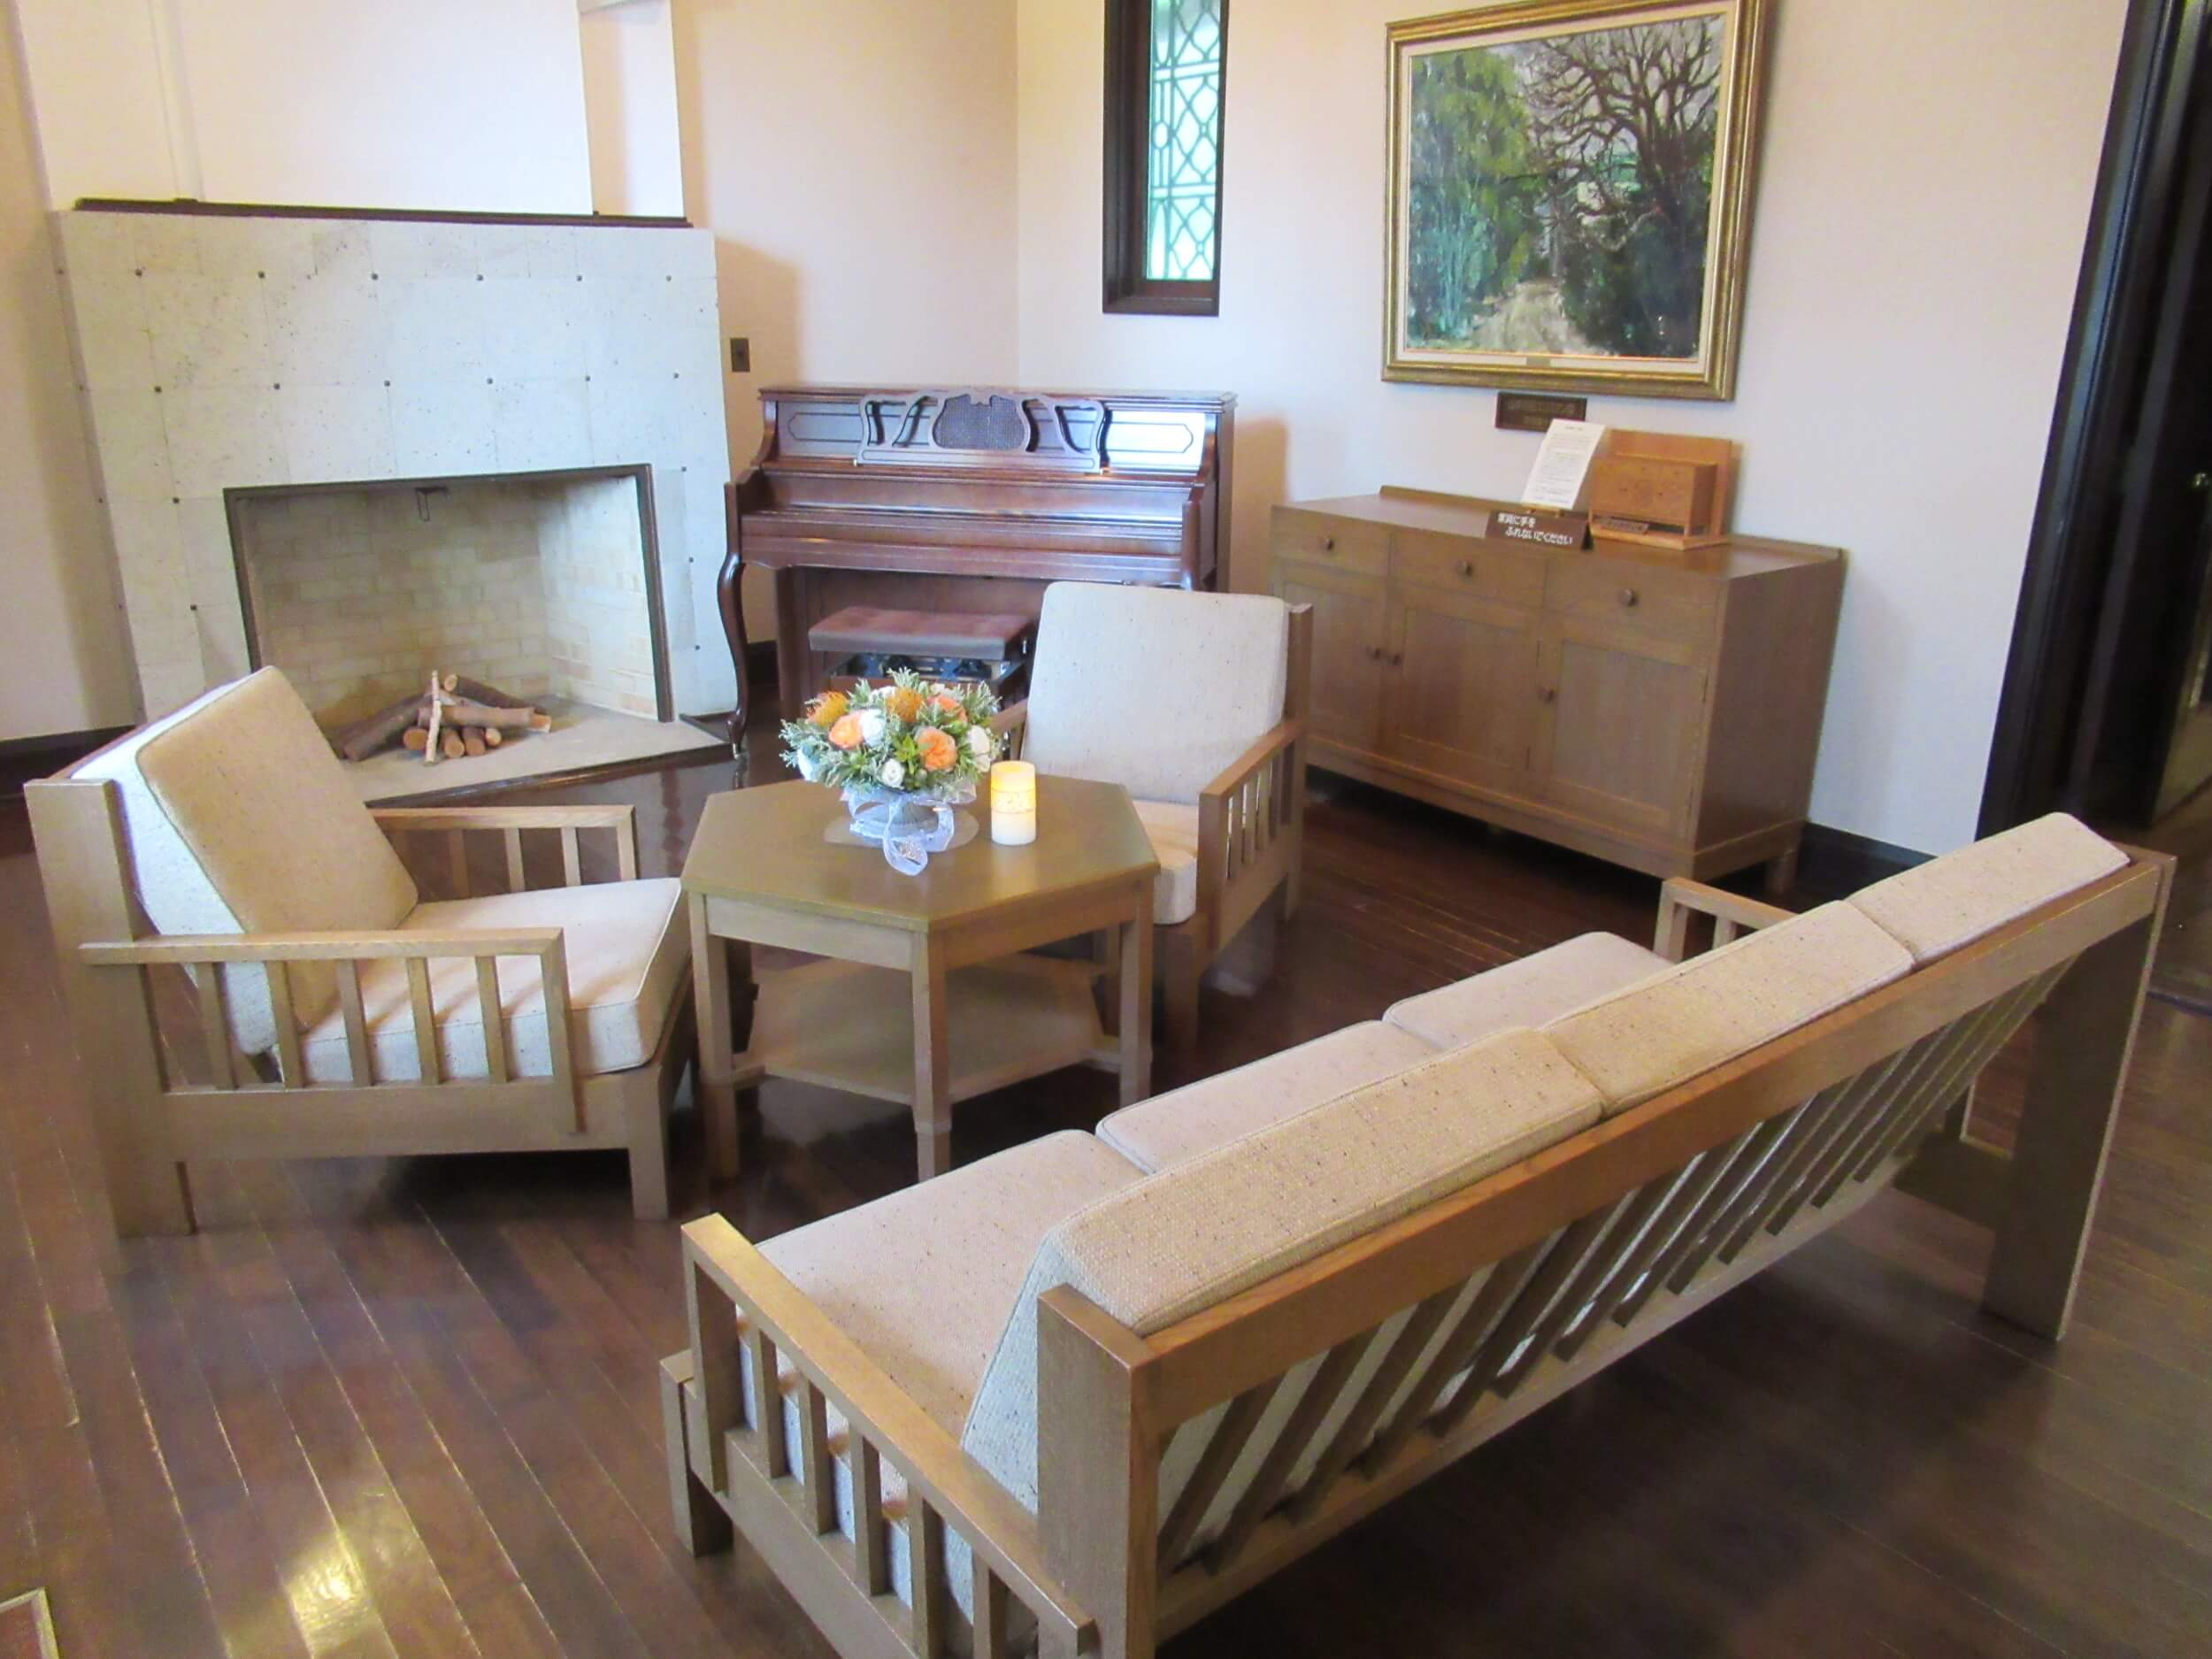 Ehrismann House・Living room